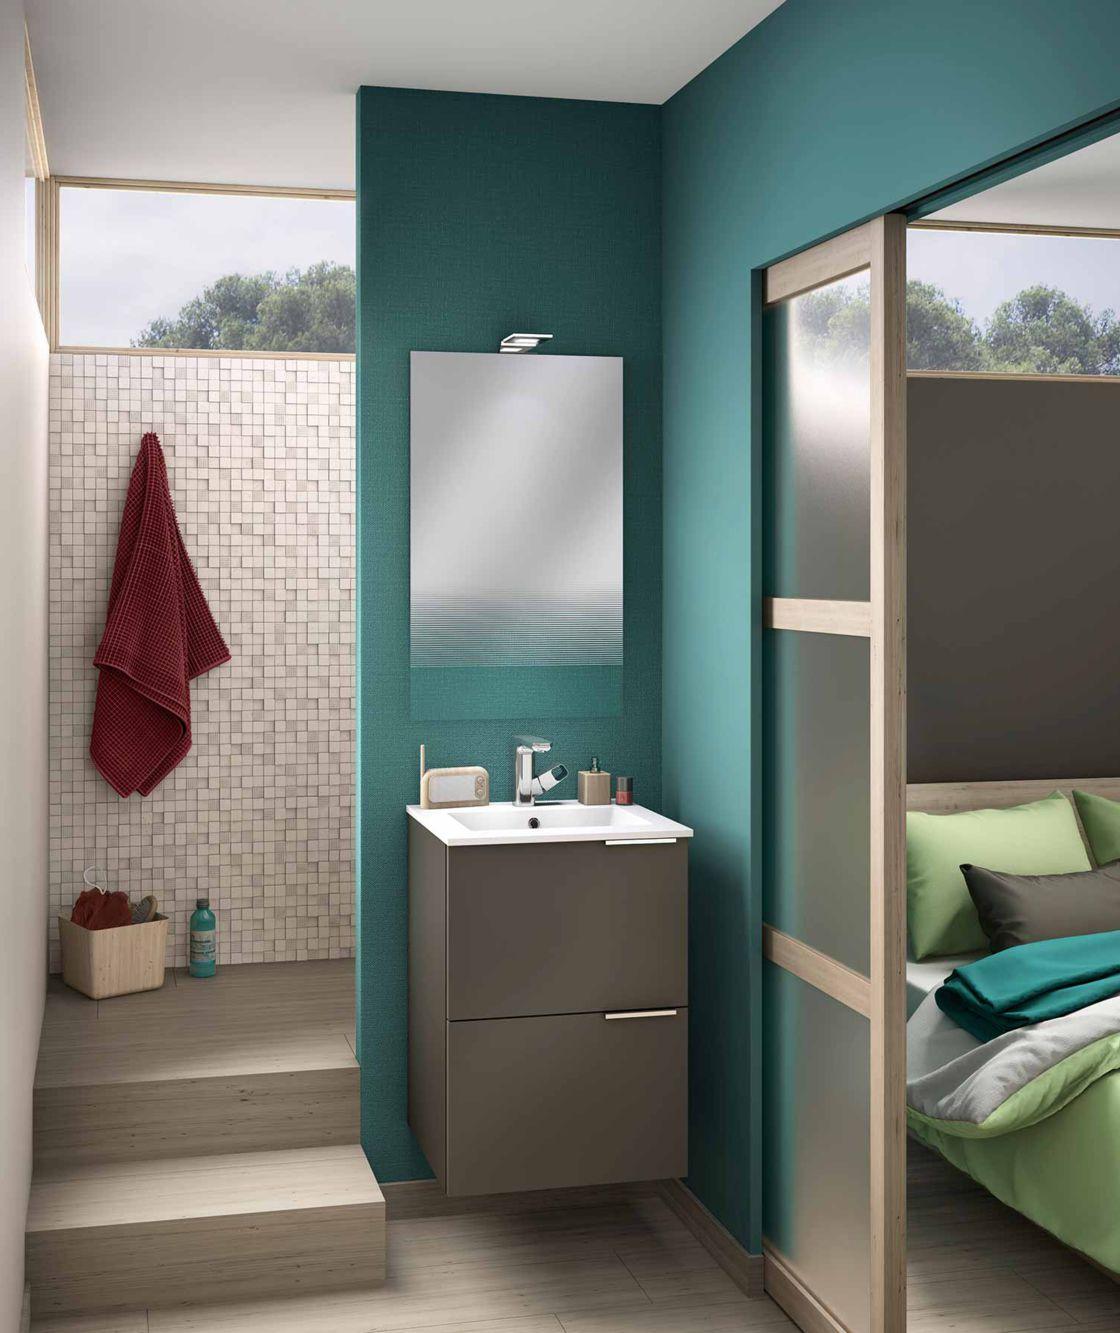 Comment aménager une douche dans une petite salle de bains ...